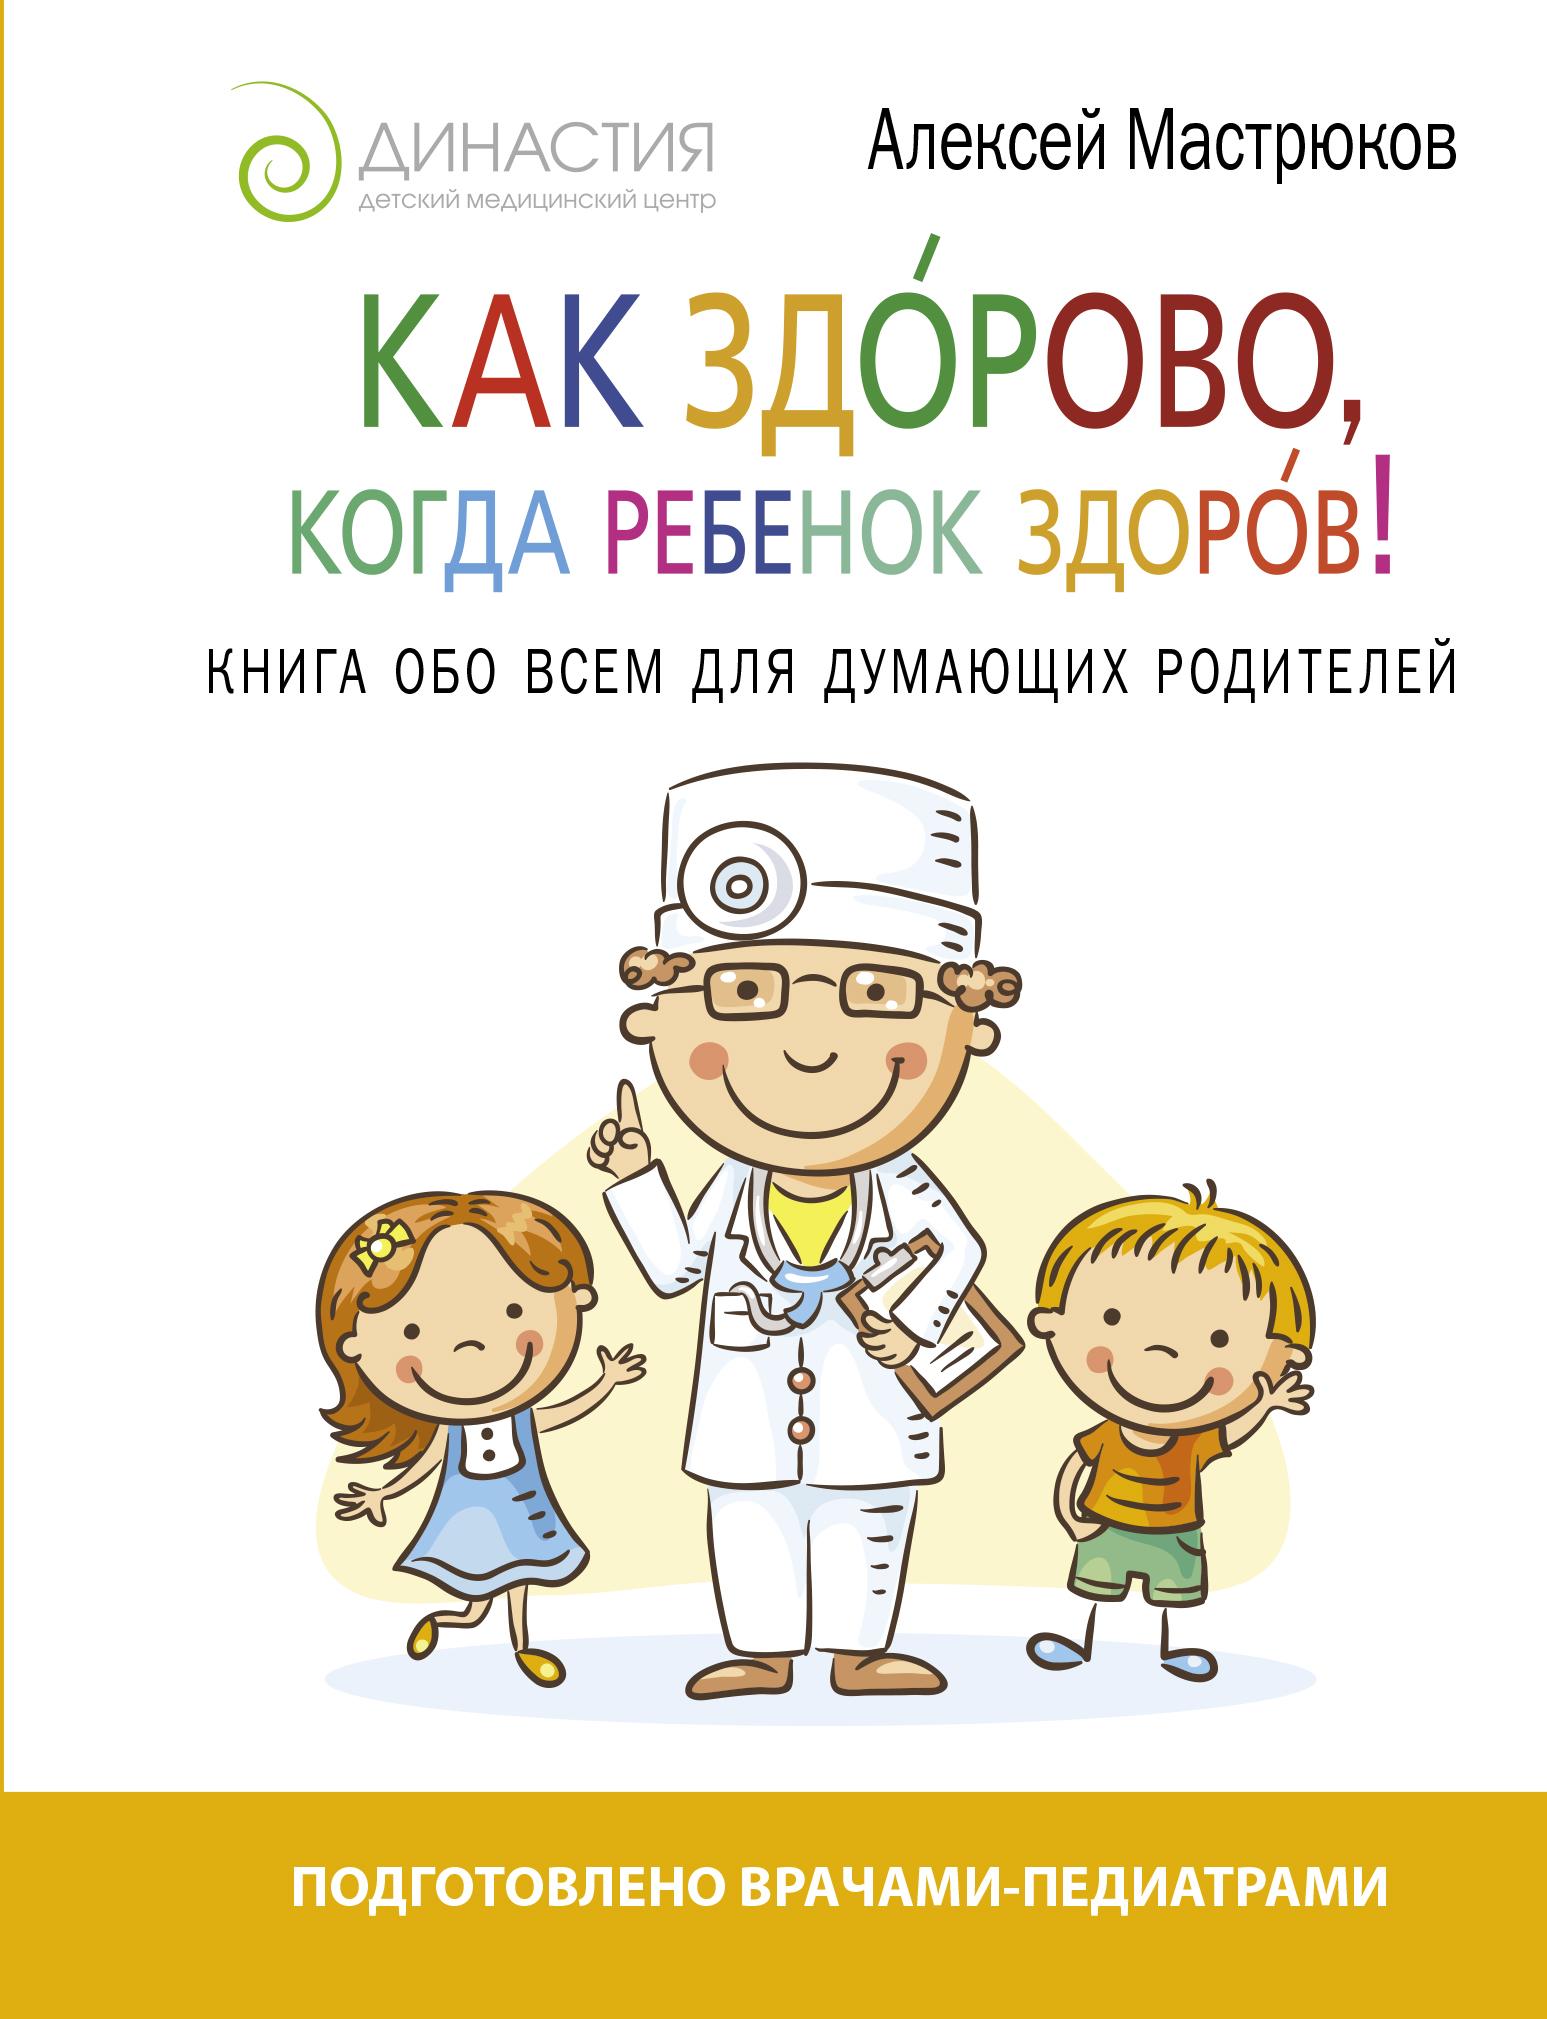 Как здорово, когда ребенок здоров! Книга обо всем для думающих родителей ( Мастрюков А.  )